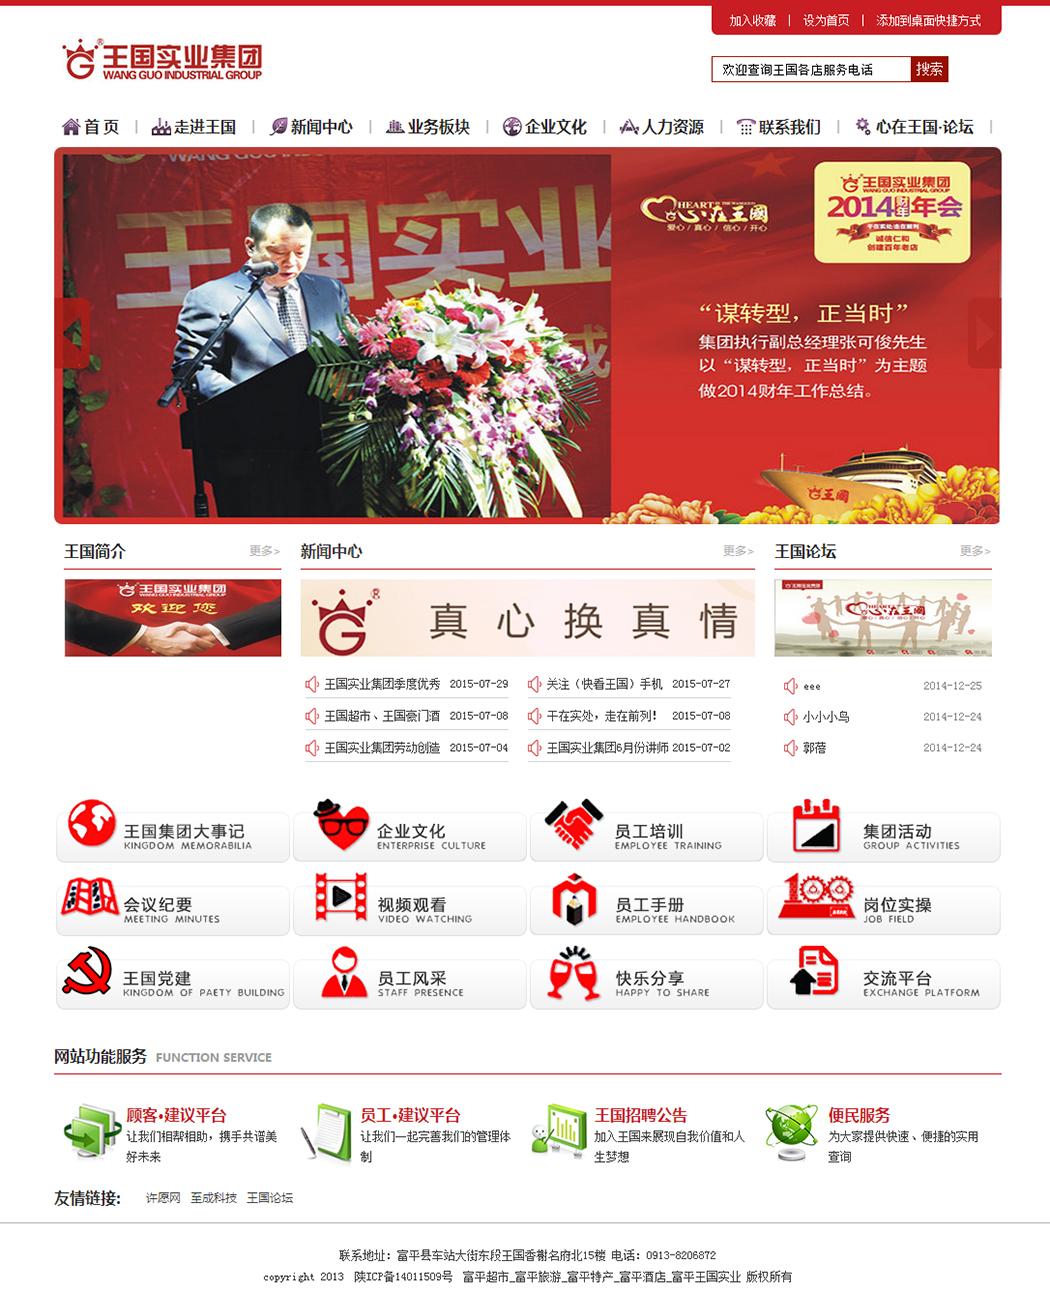 西安网站设计—王国实业